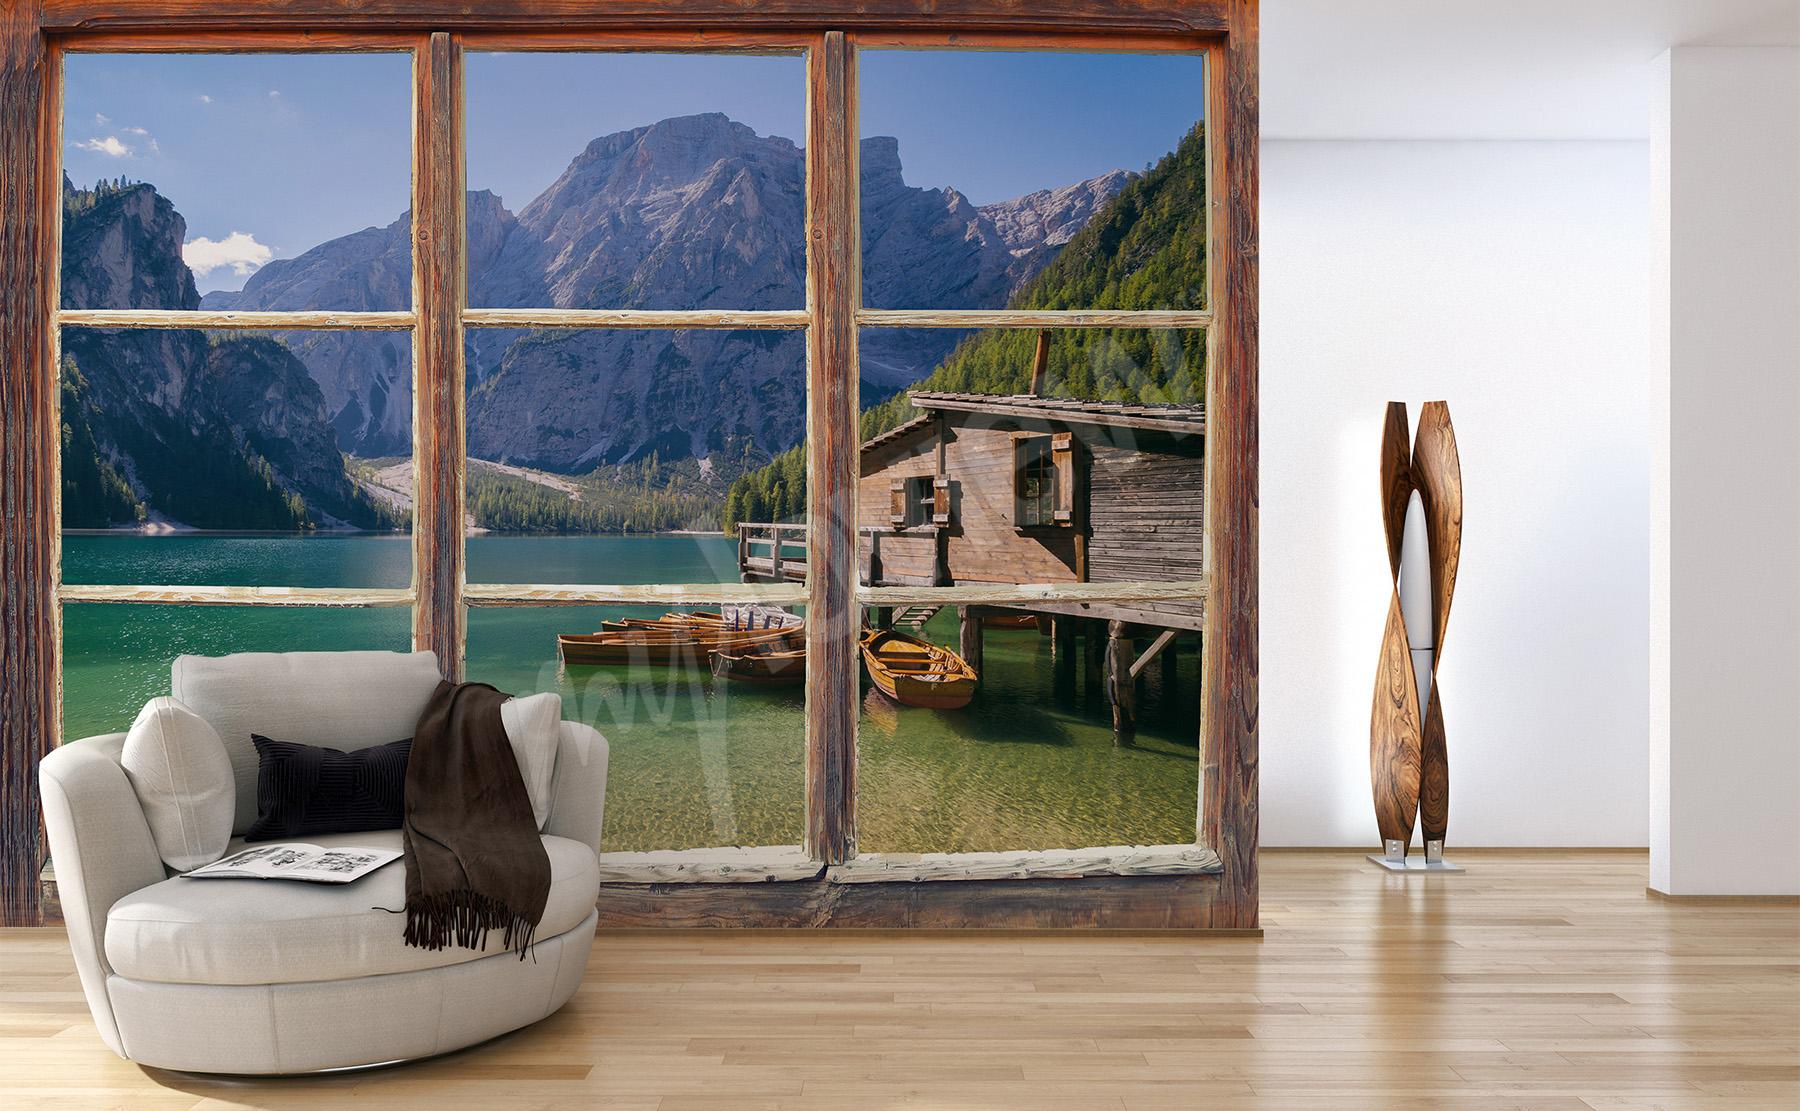 Full Size of Fototapeten Wohnzimmer Fototapete Fenster Küche Schlafzimmer Wohnzimmer 3d Fototapete